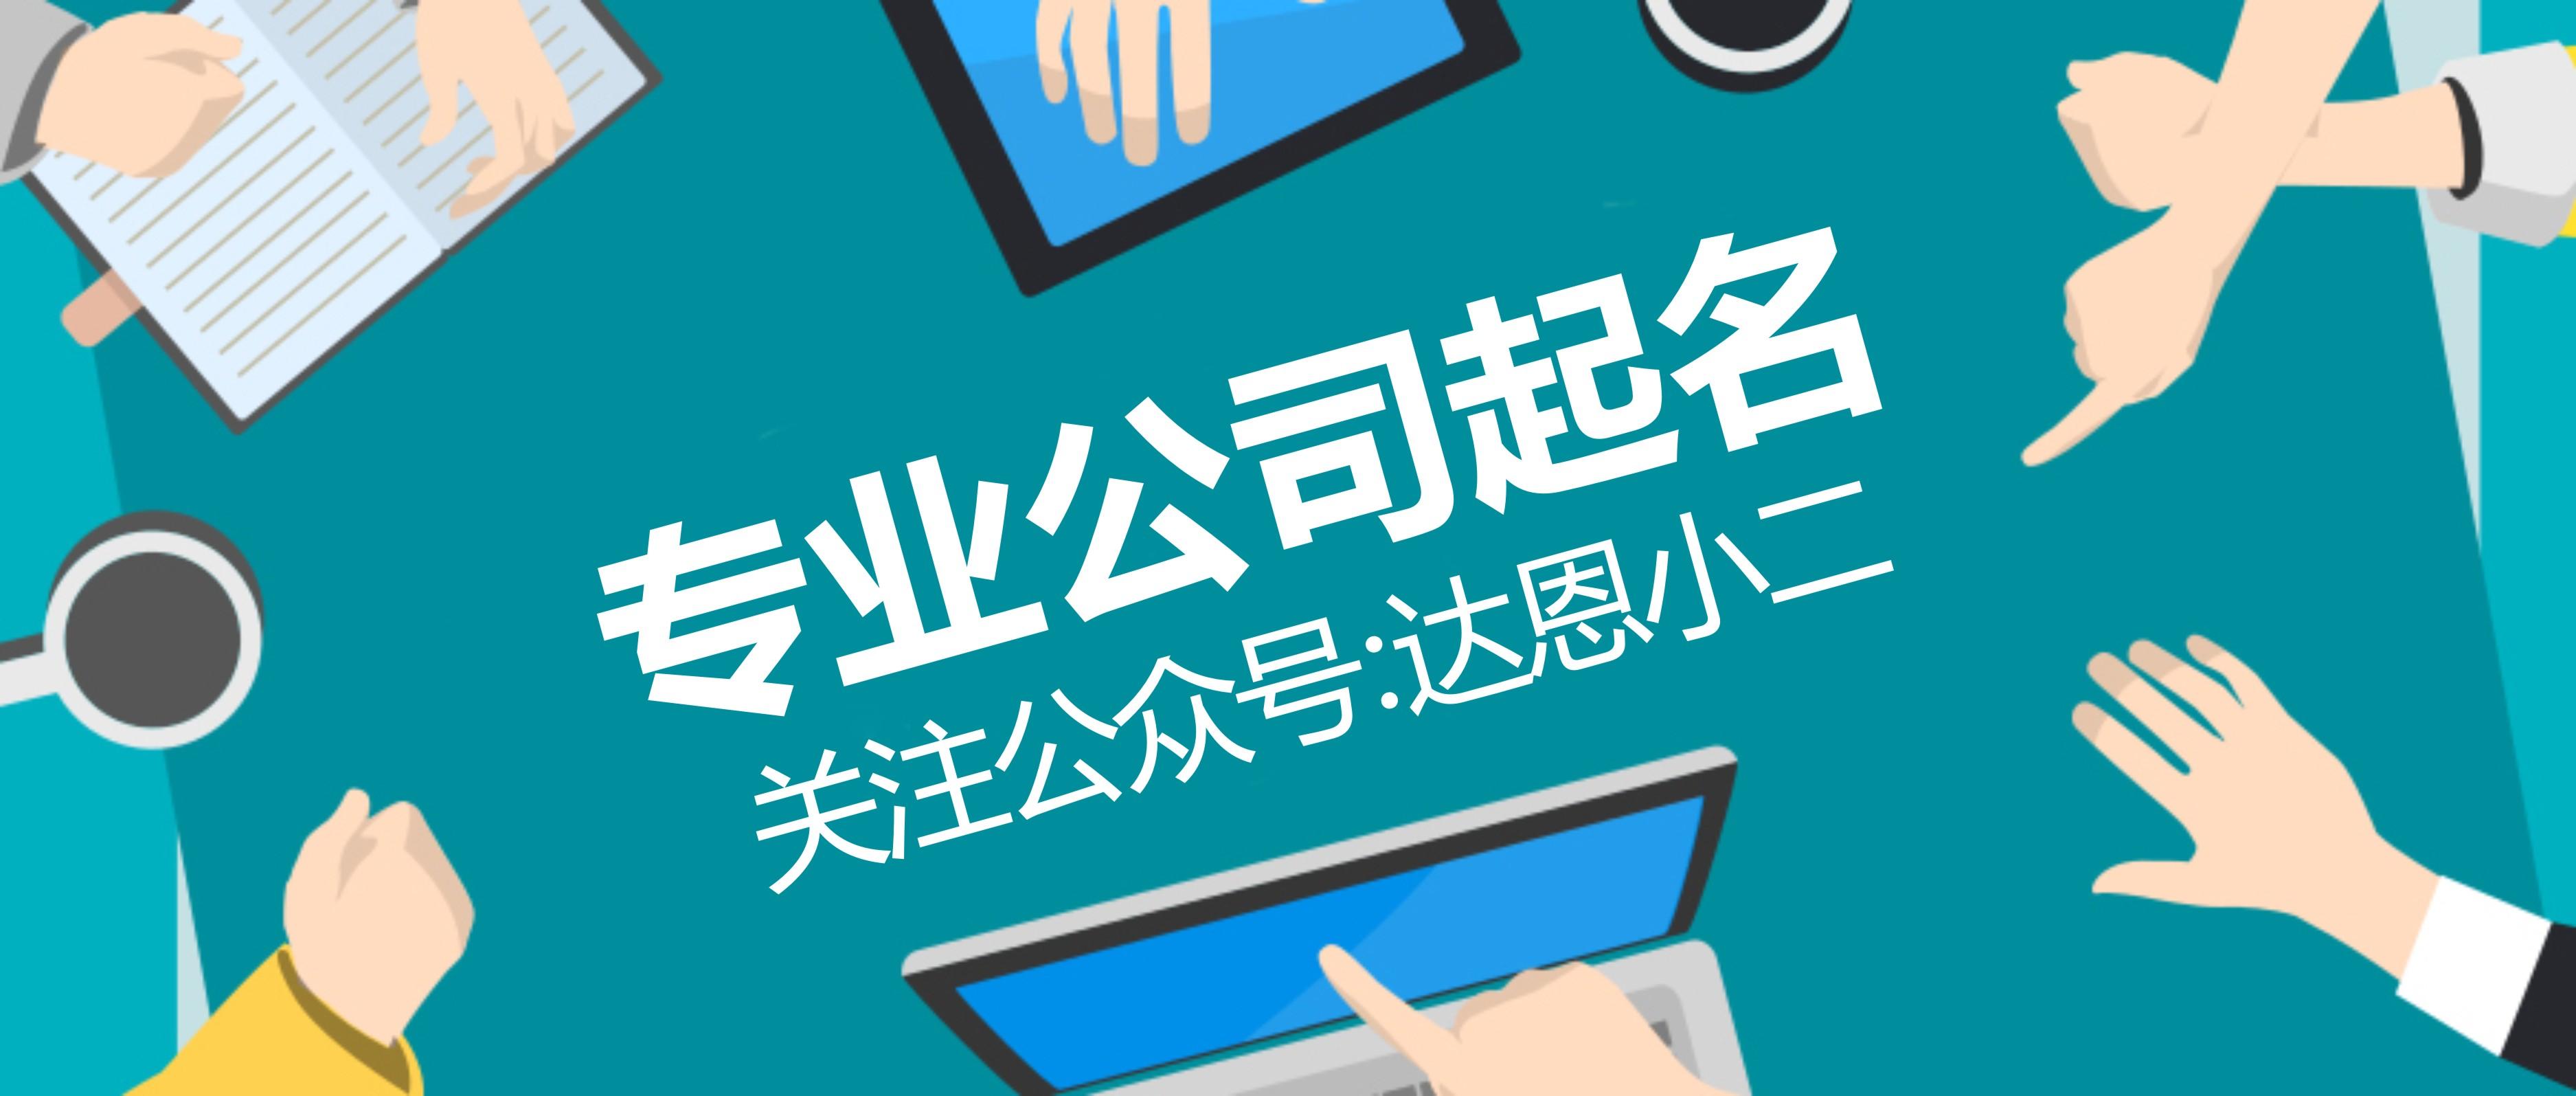 济南市公司取名字:有意义的汽车美容店名称大全